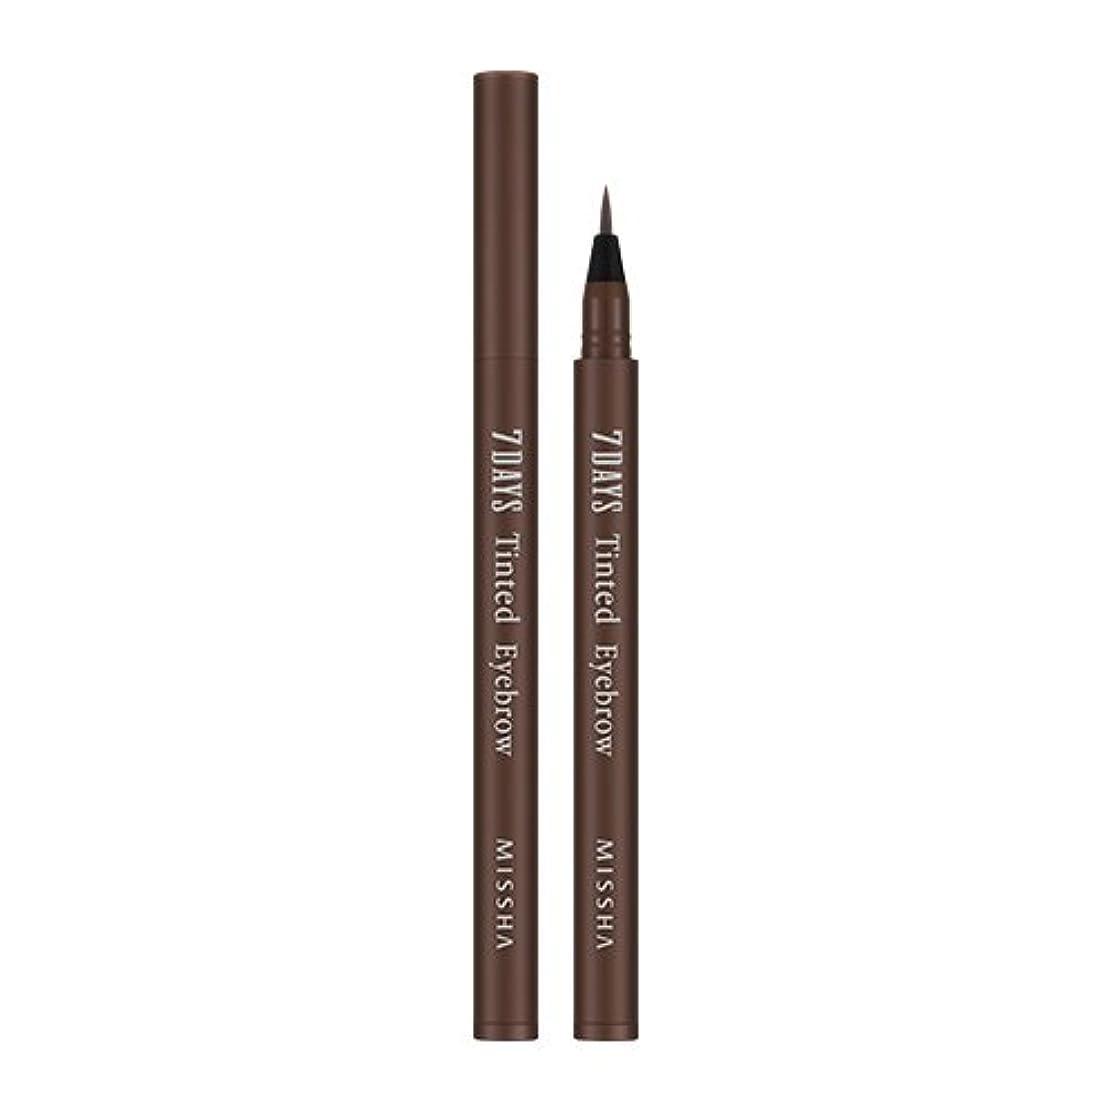 ダウンタウンフィードバック可塑性MISSHA Seven Days Tinted Eye Brow 0.8ml (#02 Sinopia Brown)/ミシャ セブンデイズ ティンテッド アイブロウ 0.8ml (#02 Sinopia Brown)